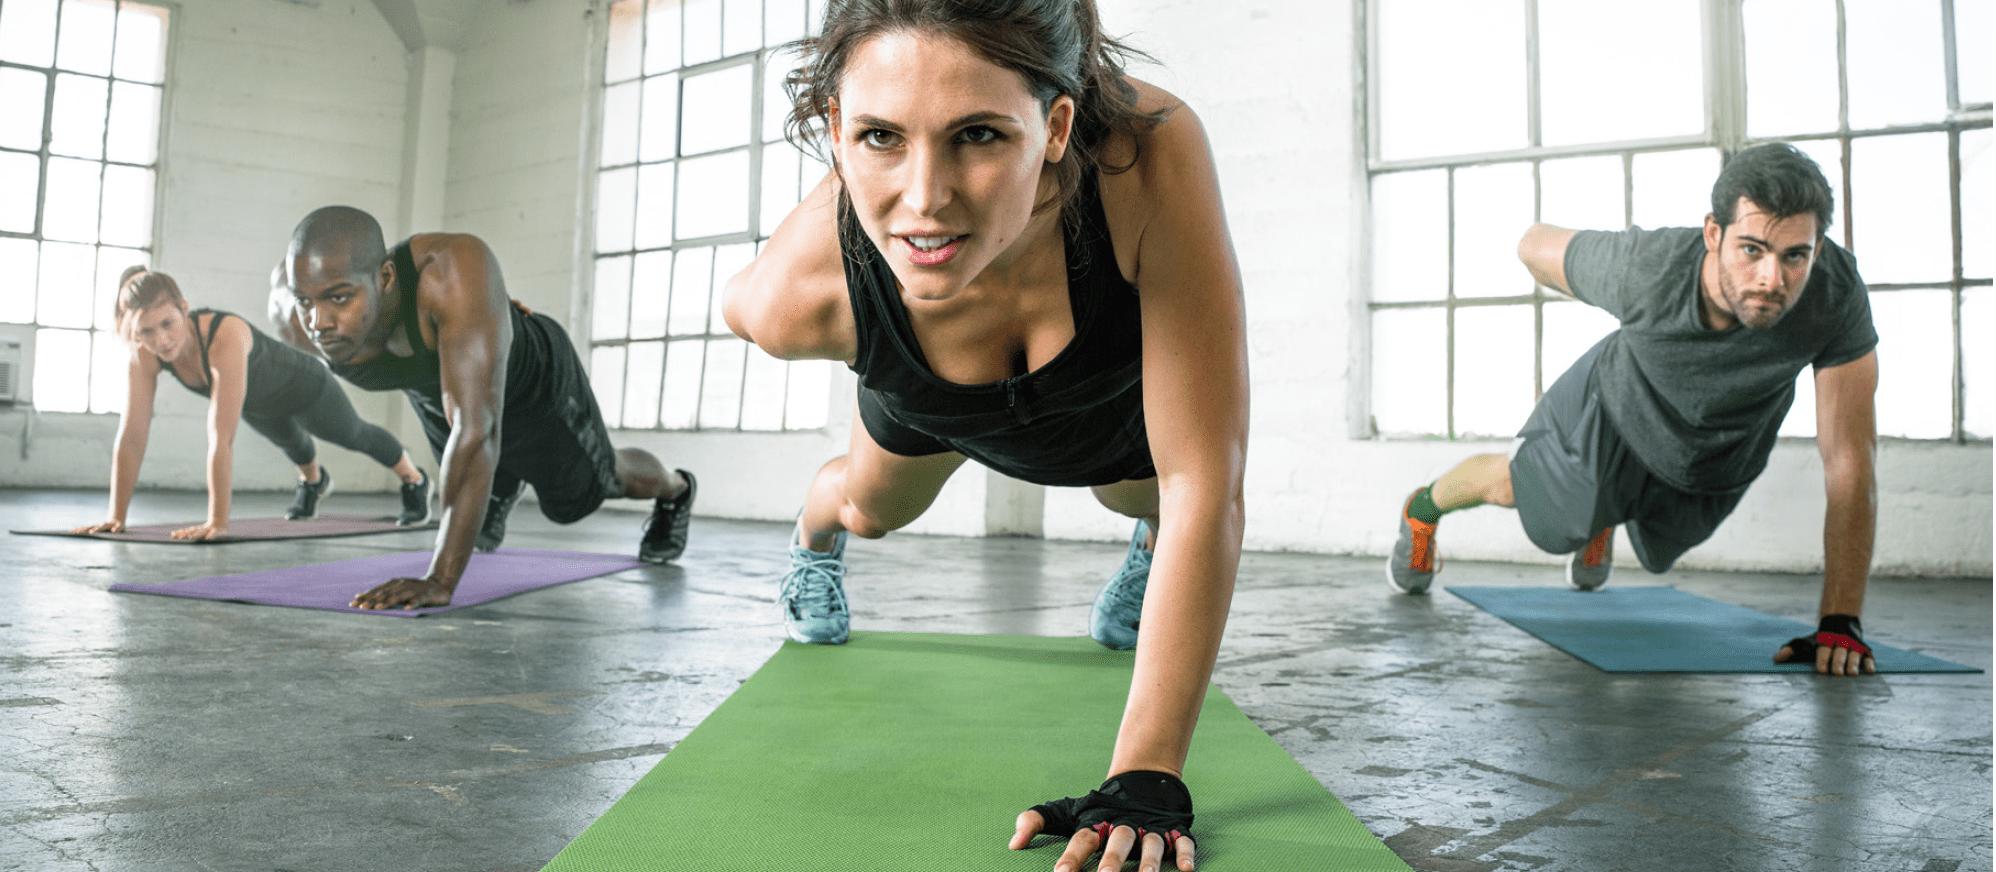 Hoop jij op terugkeer naar het oude of bouw je mee voor de toekomst? Onze 4 adviezen voor jouw fitnessclub of -studio!